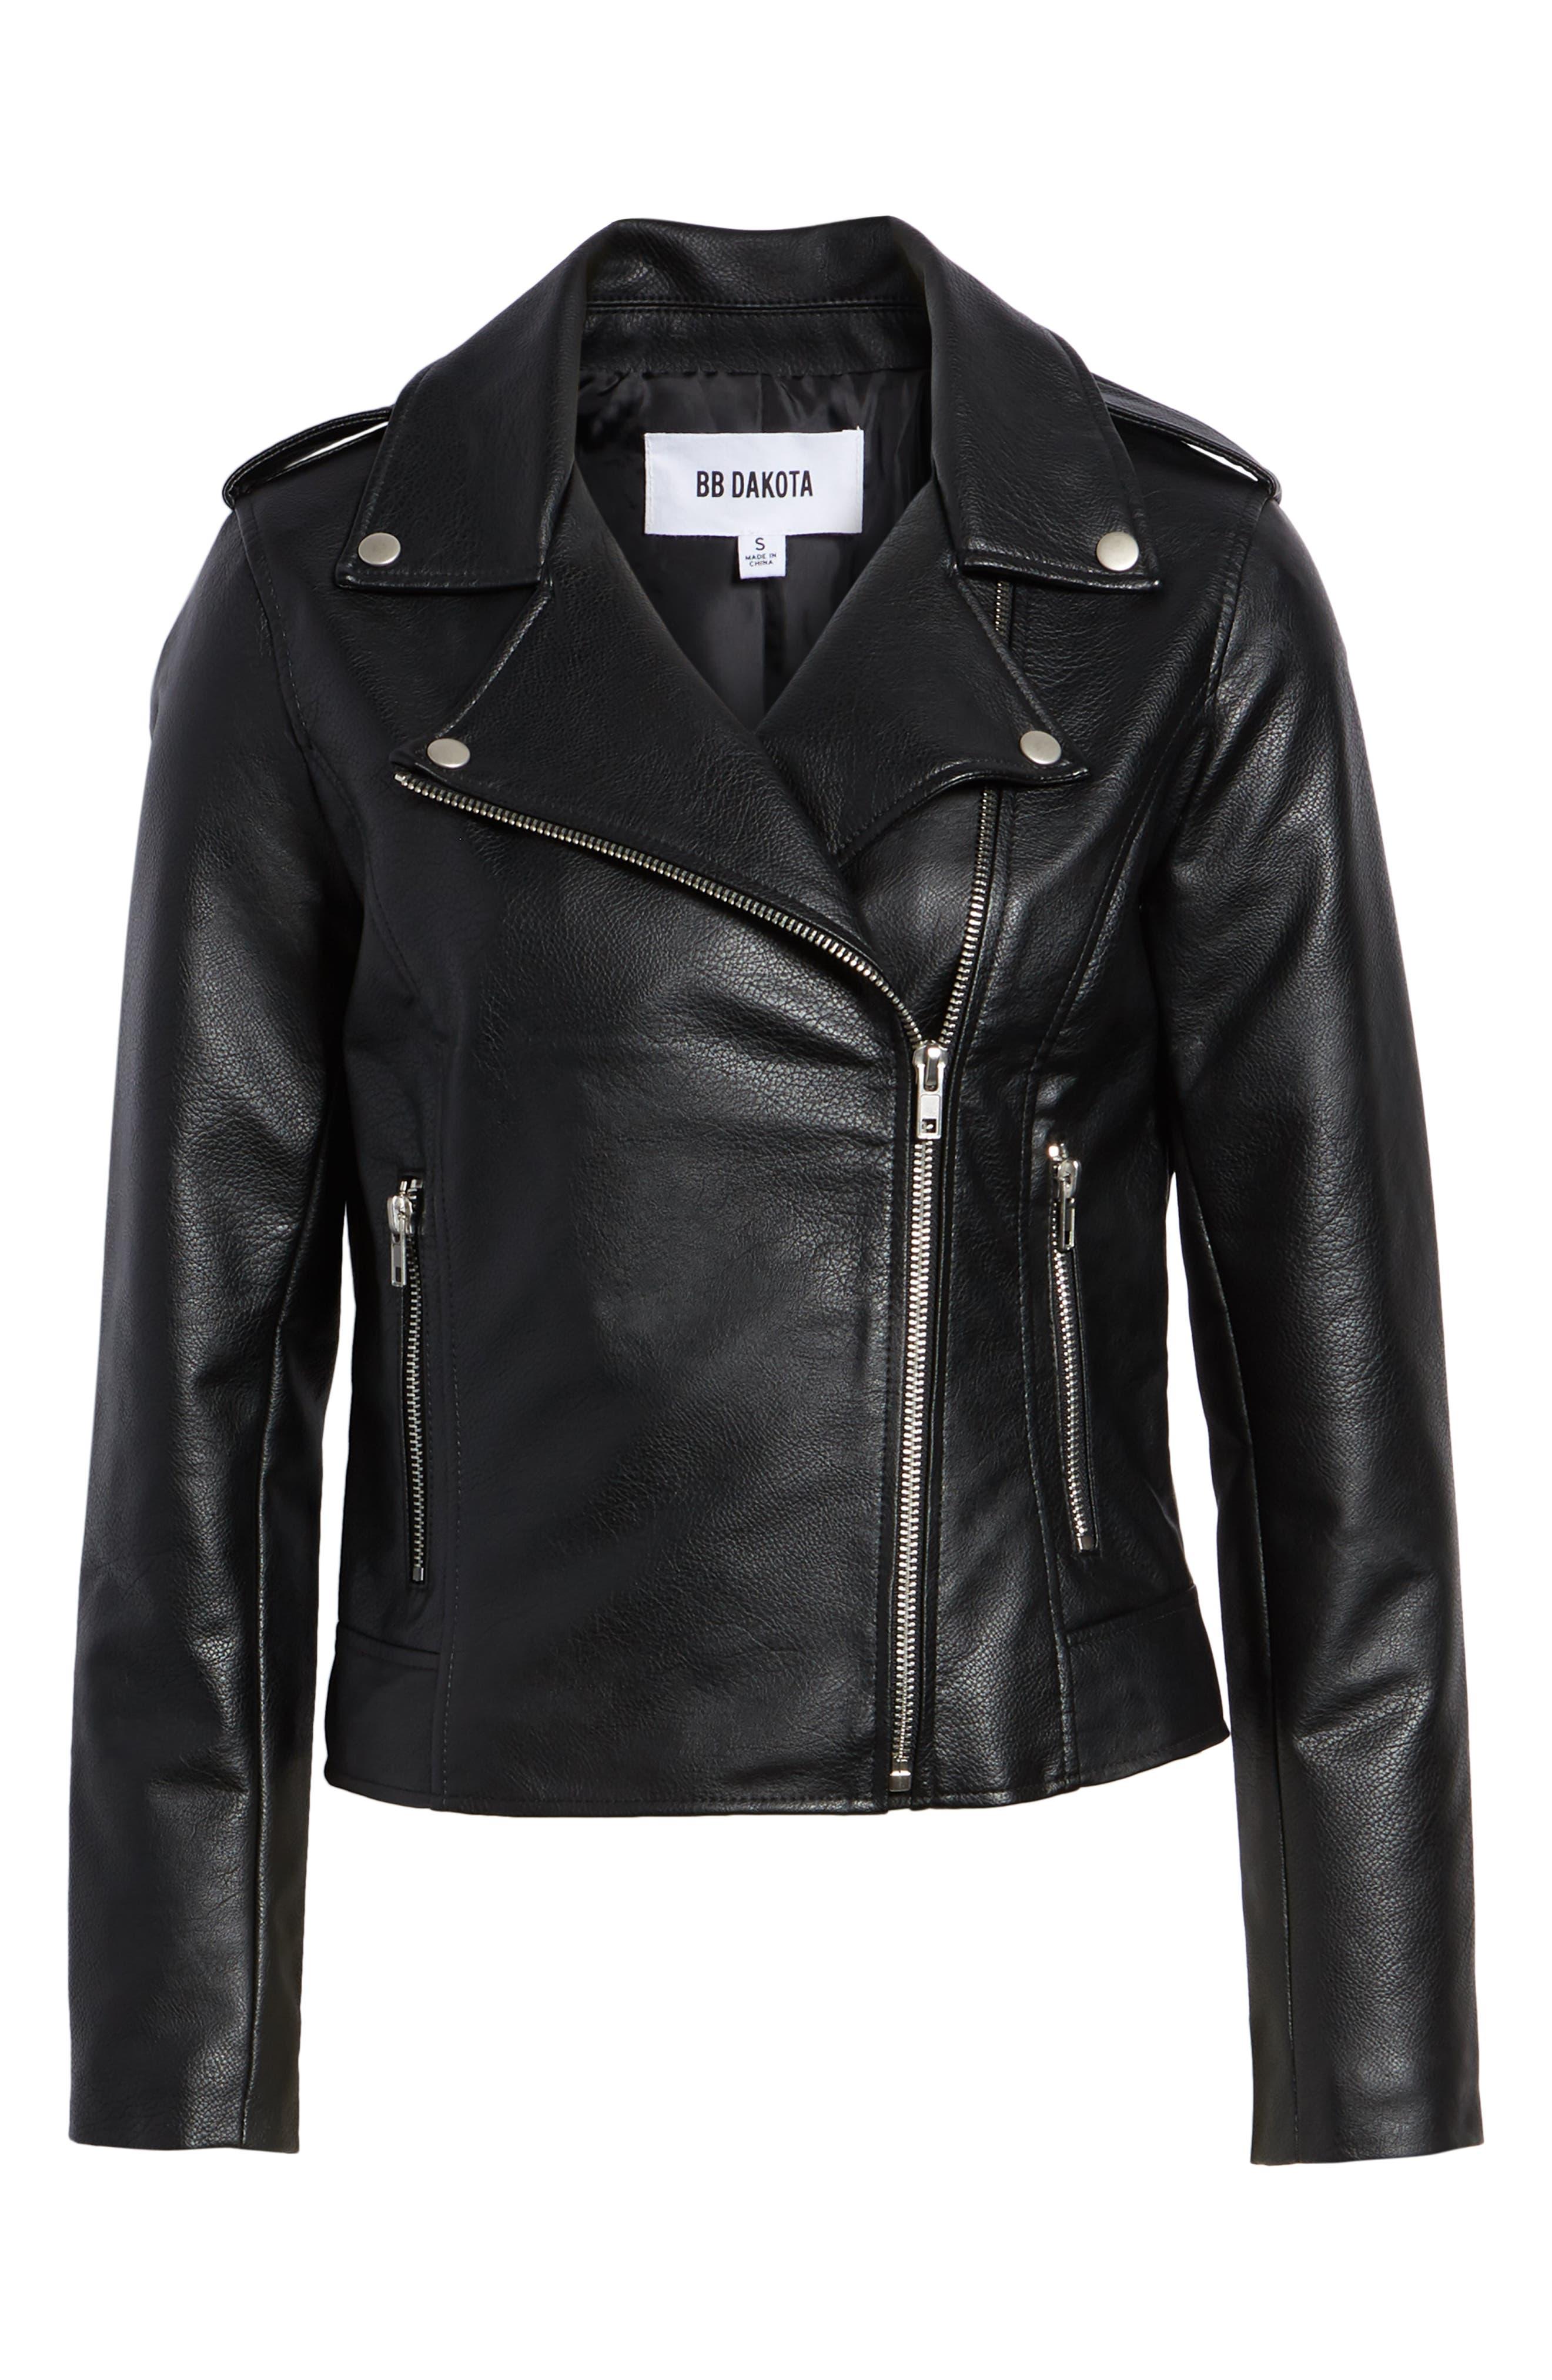 BB DAKOTA, Just Ride Faux Leather Jacket, Alternate thumbnail 6, color, BLACK